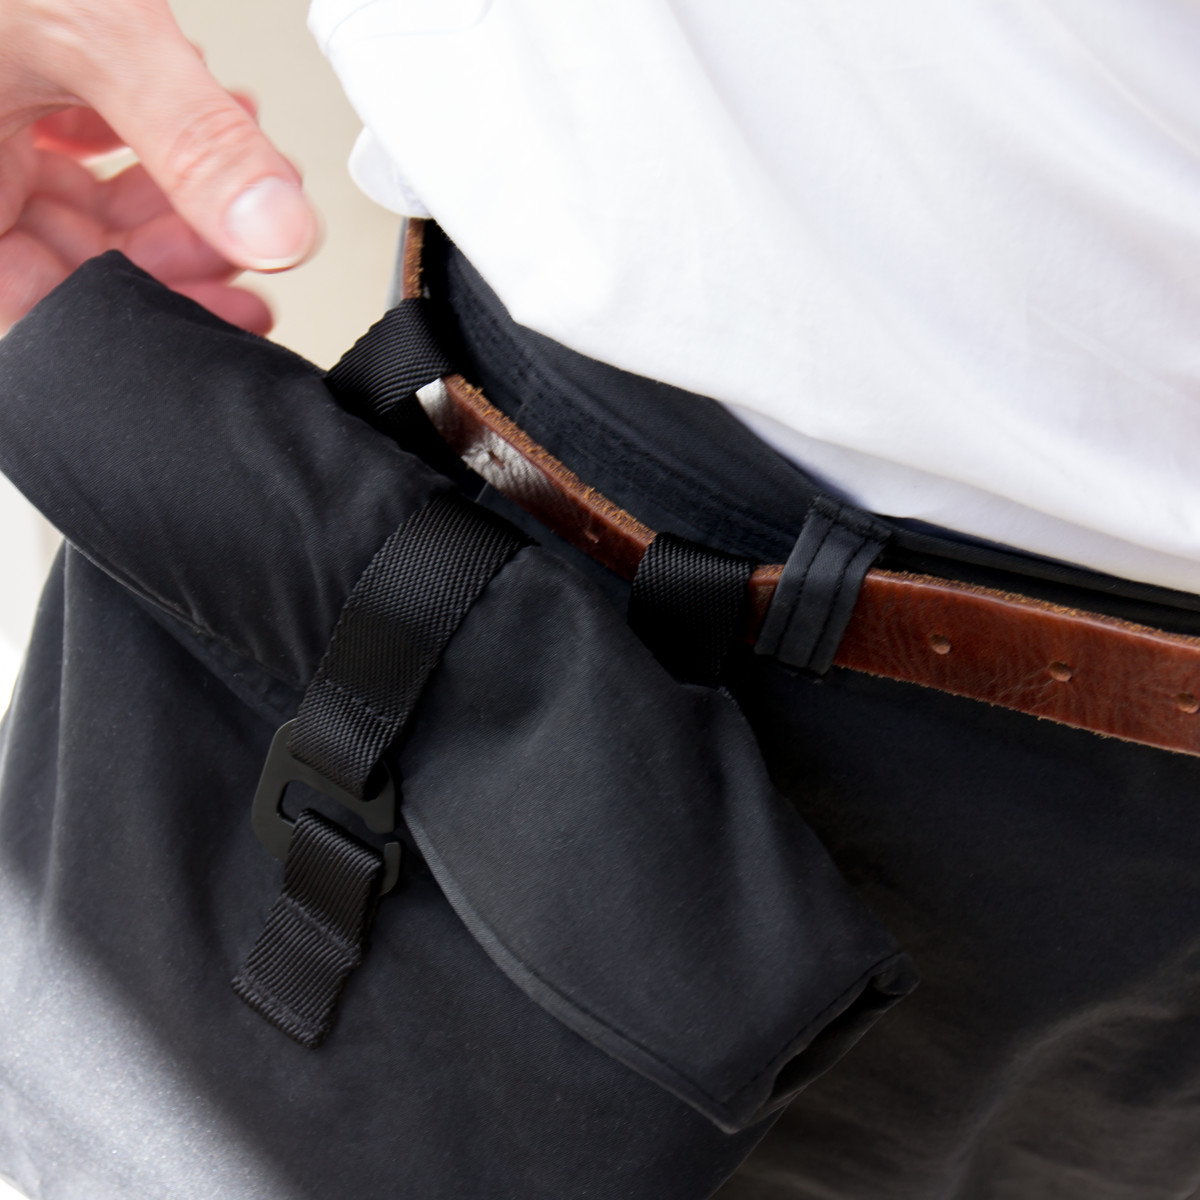 【ベルトポーチ】シーンに合わせて4通りの使い方ができる「4WAYウエストバッグ」(水濡れや汚れに強いドライコレクション)|Topologie